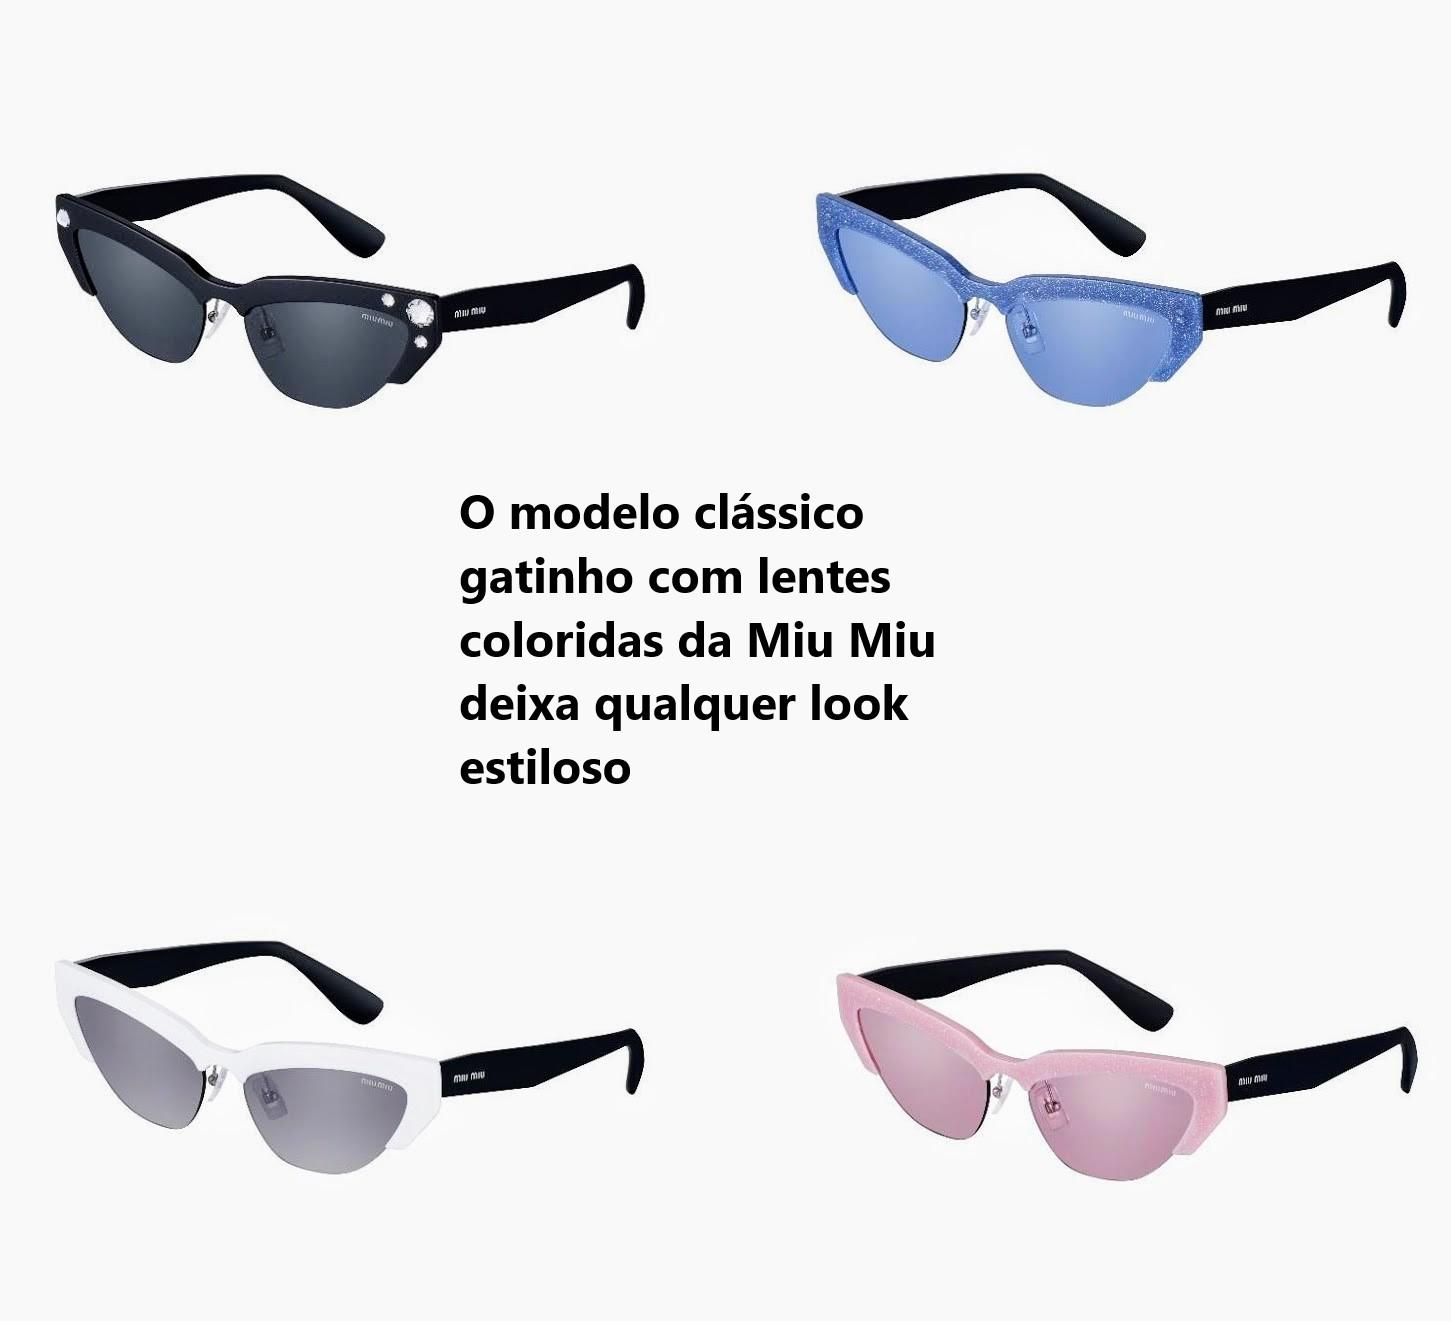 0e4b7ae55 Este óculos da nova coleção Prada é diferente, divertido e sofisticado. A  armação produzida em metal tem estrutura fina e linear, as decorações tomam  forma ...